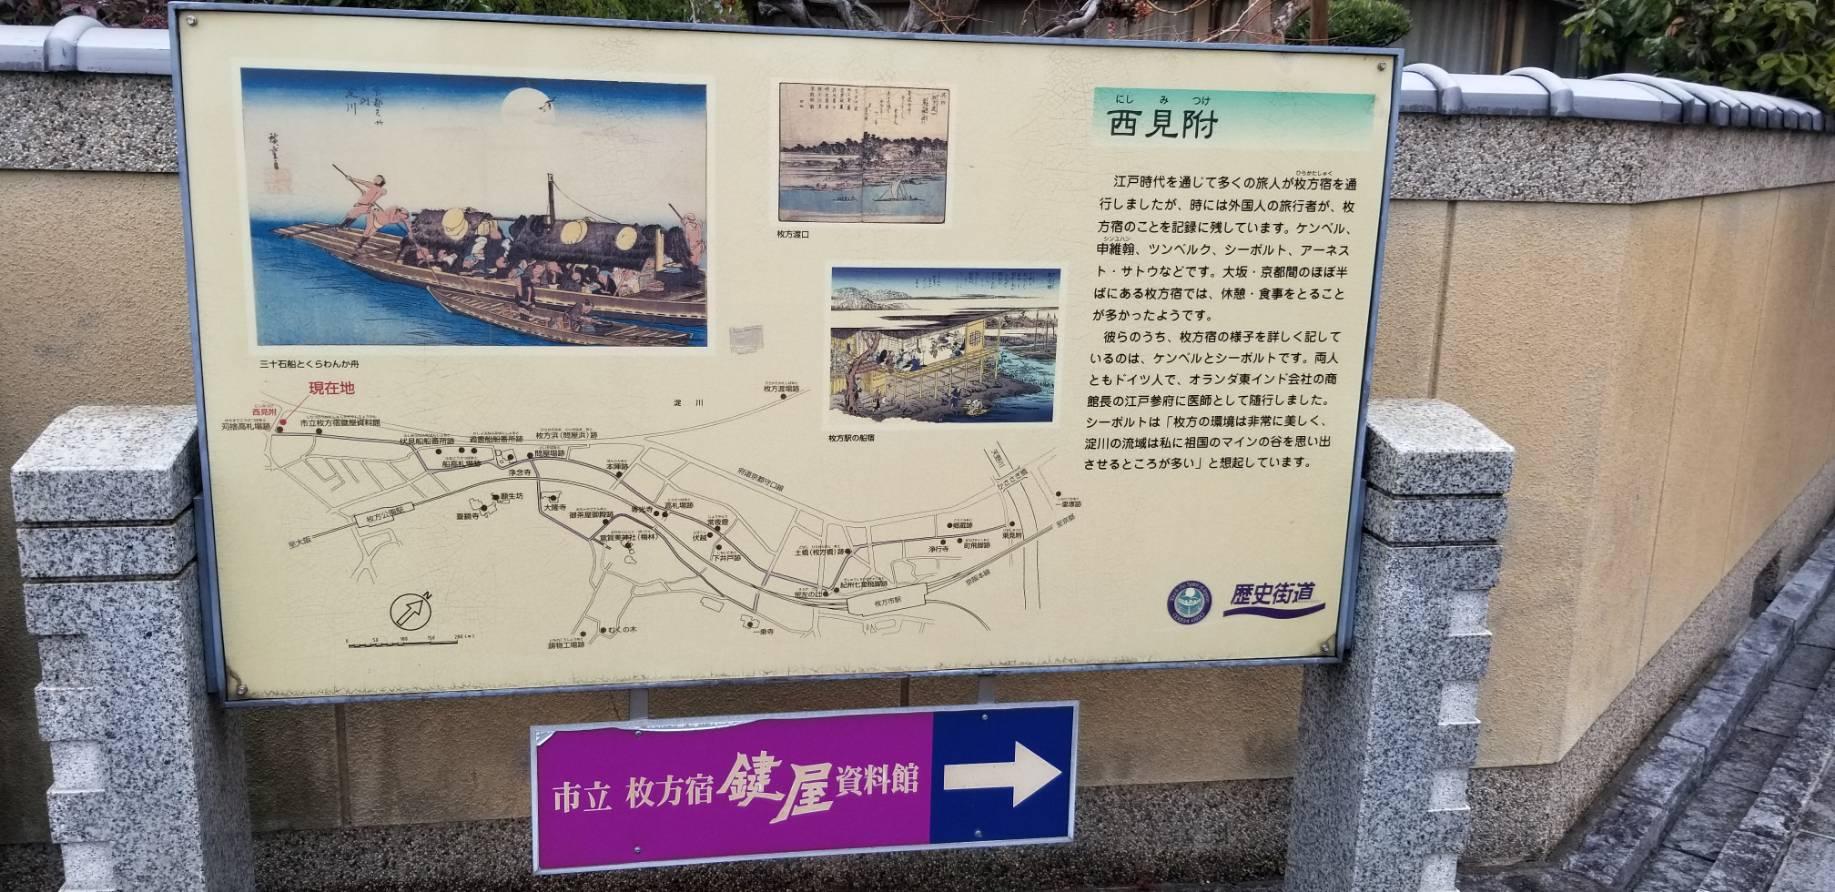 枚方歴史街道(枚方市)